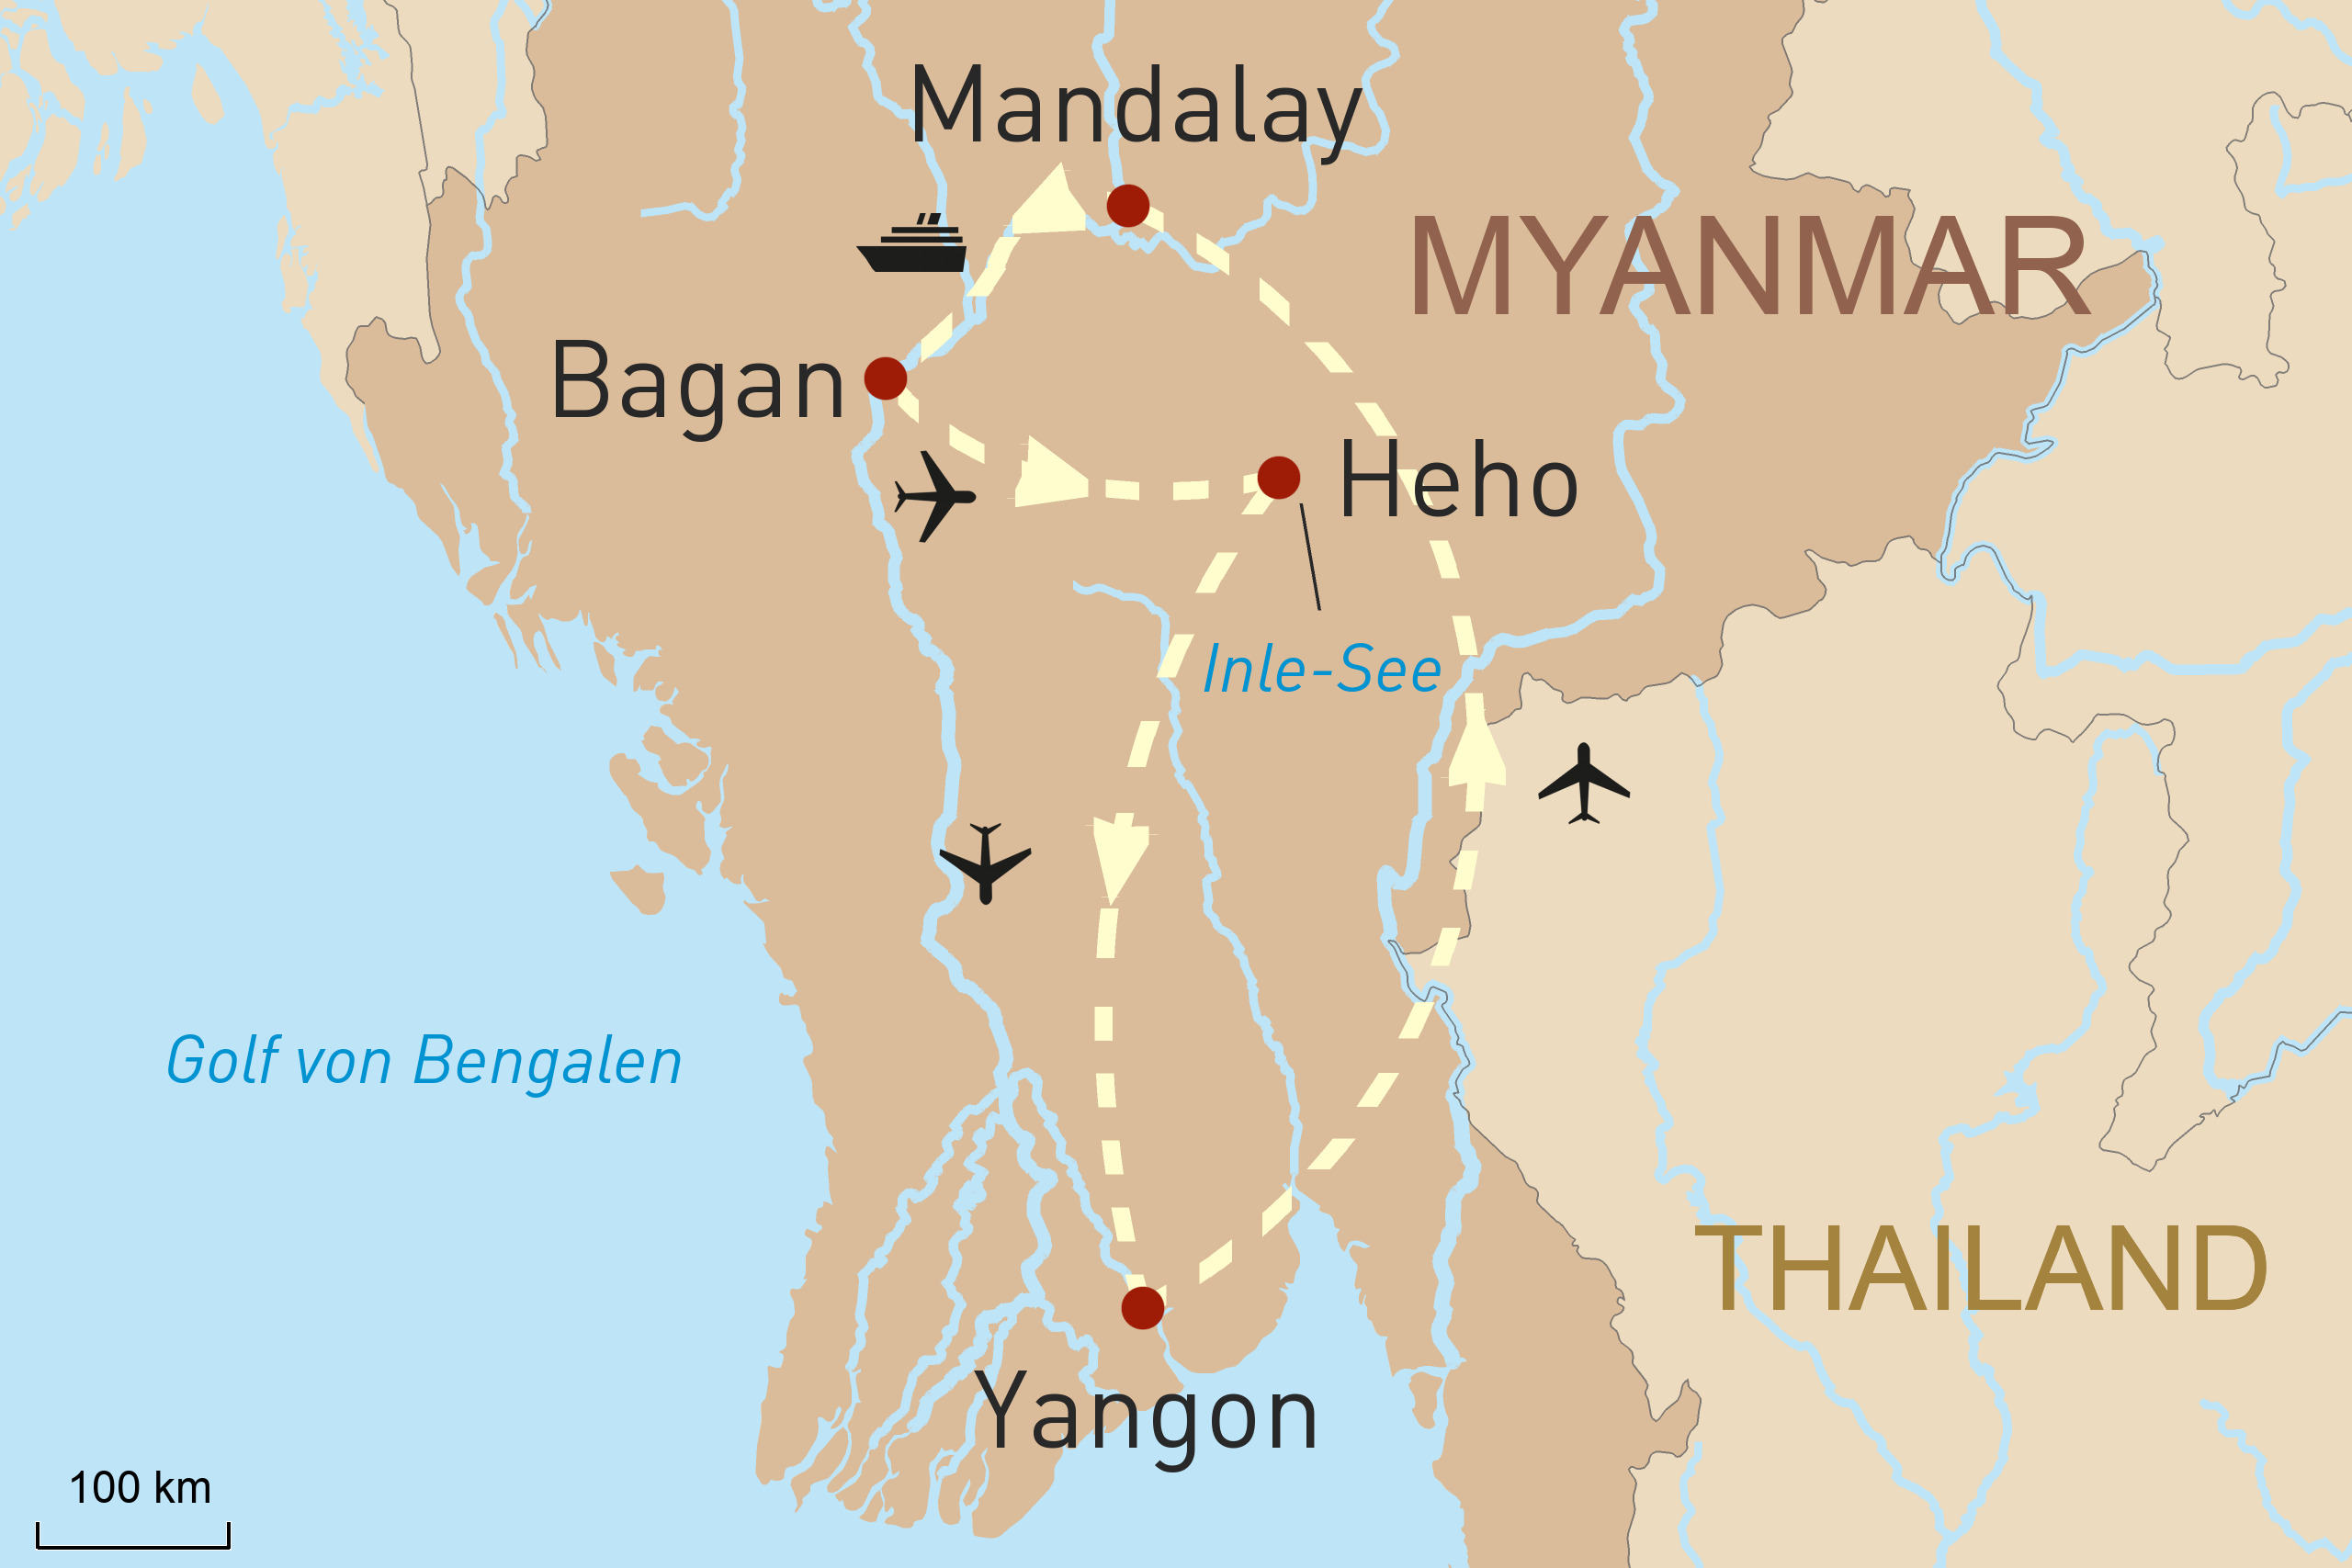 Höhepunkte Myanmars und Luxuskreuzfahrt auf dem Irrawaddy